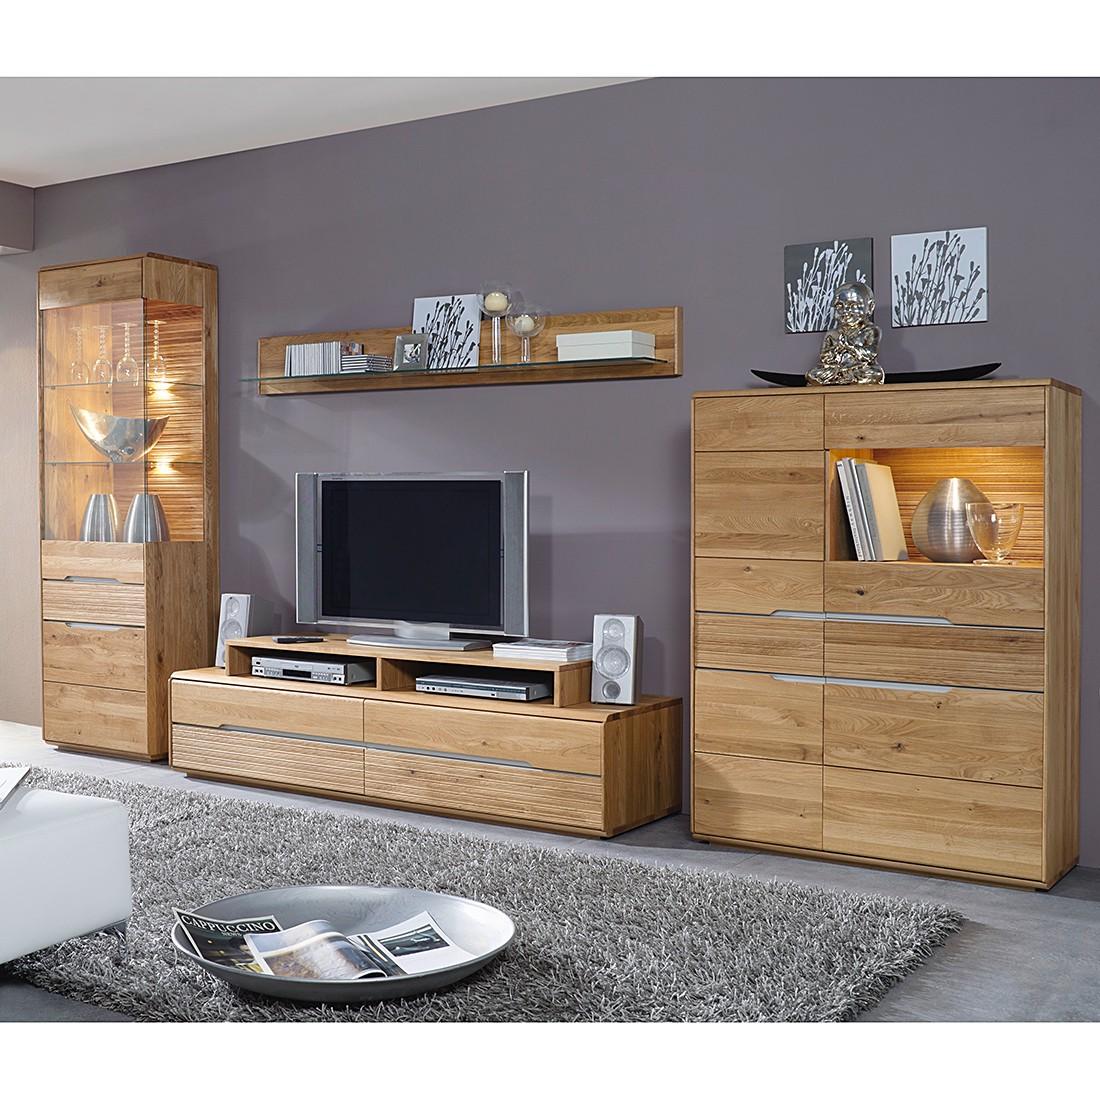 wohnwand tonino i 4 teilig wildeiche massiv ohne beleuchtung jung s hne g nstig kaufen. Black Bedroom Furniture Sets. Home Design Ideas